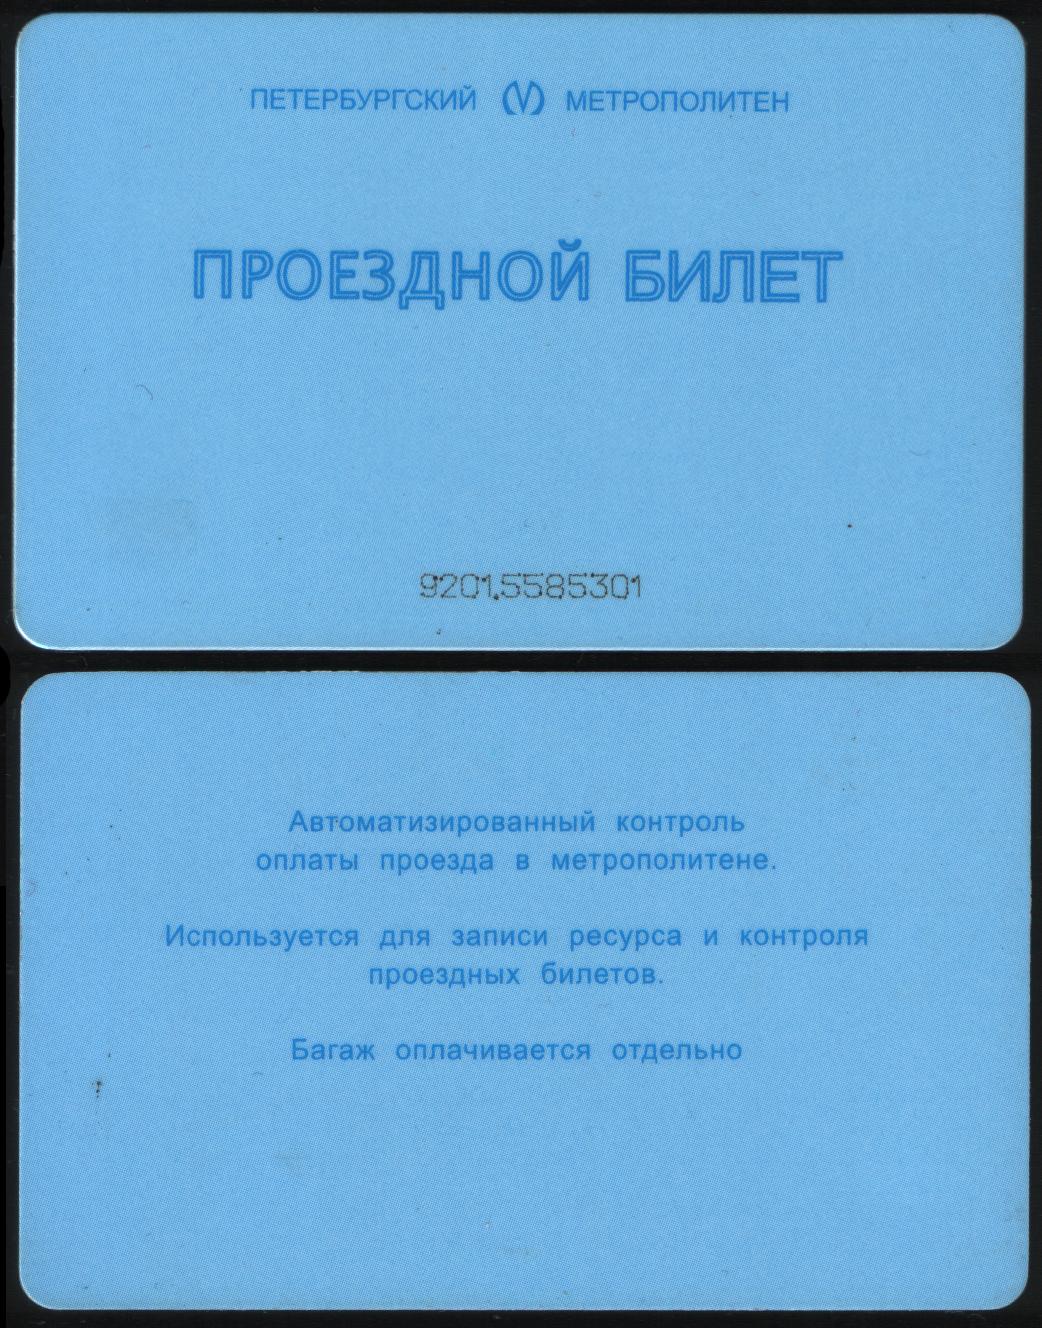 Проездной билет Петербургского метро. Автор фото: A. Sdobnikov (Wikimedia Commons)